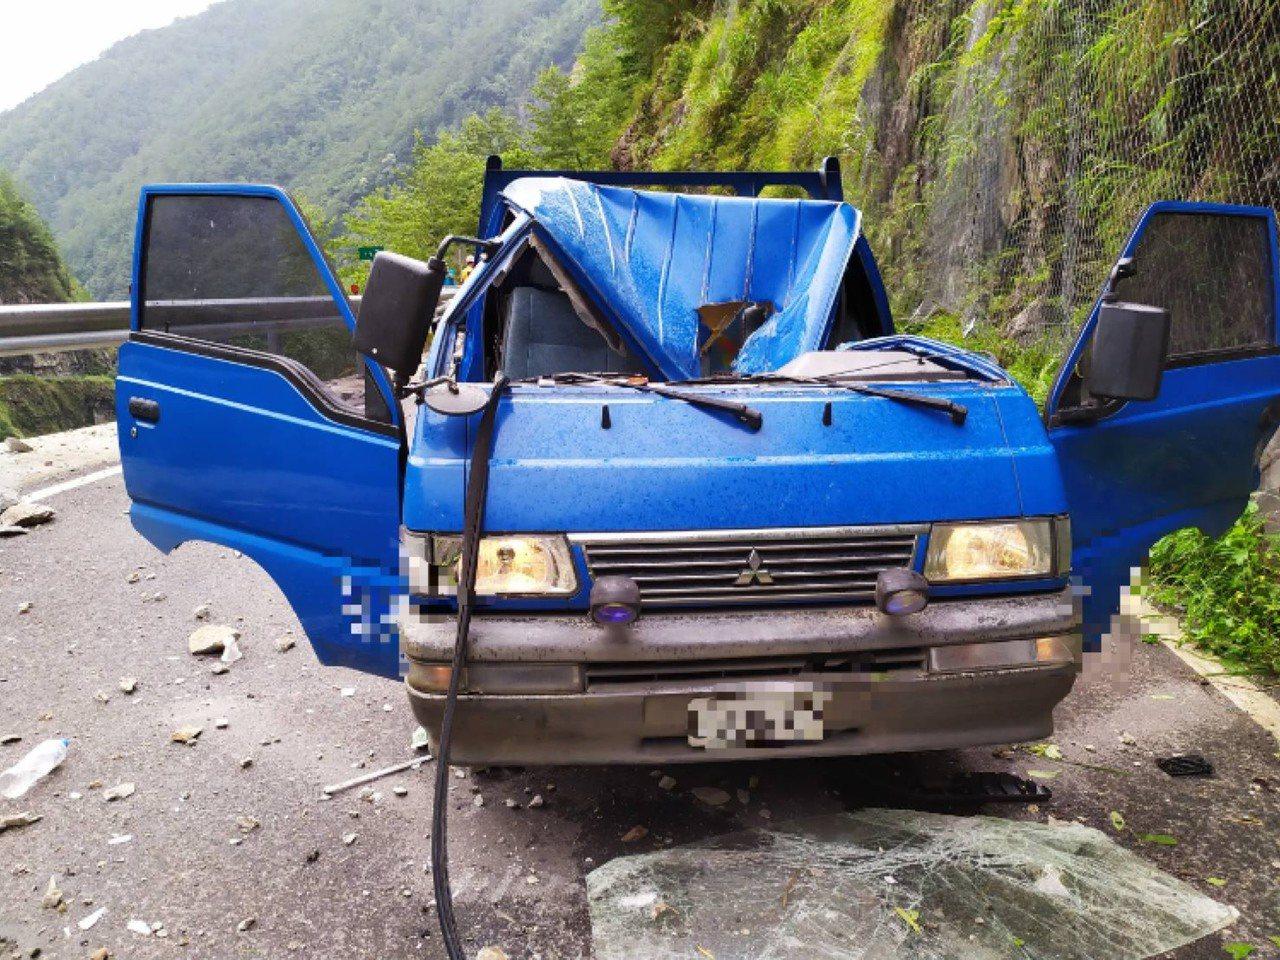 台8臨37線中橫便道17.2公里處,今天上午發生一起落石砸傷便道施工車事故,駕駛...